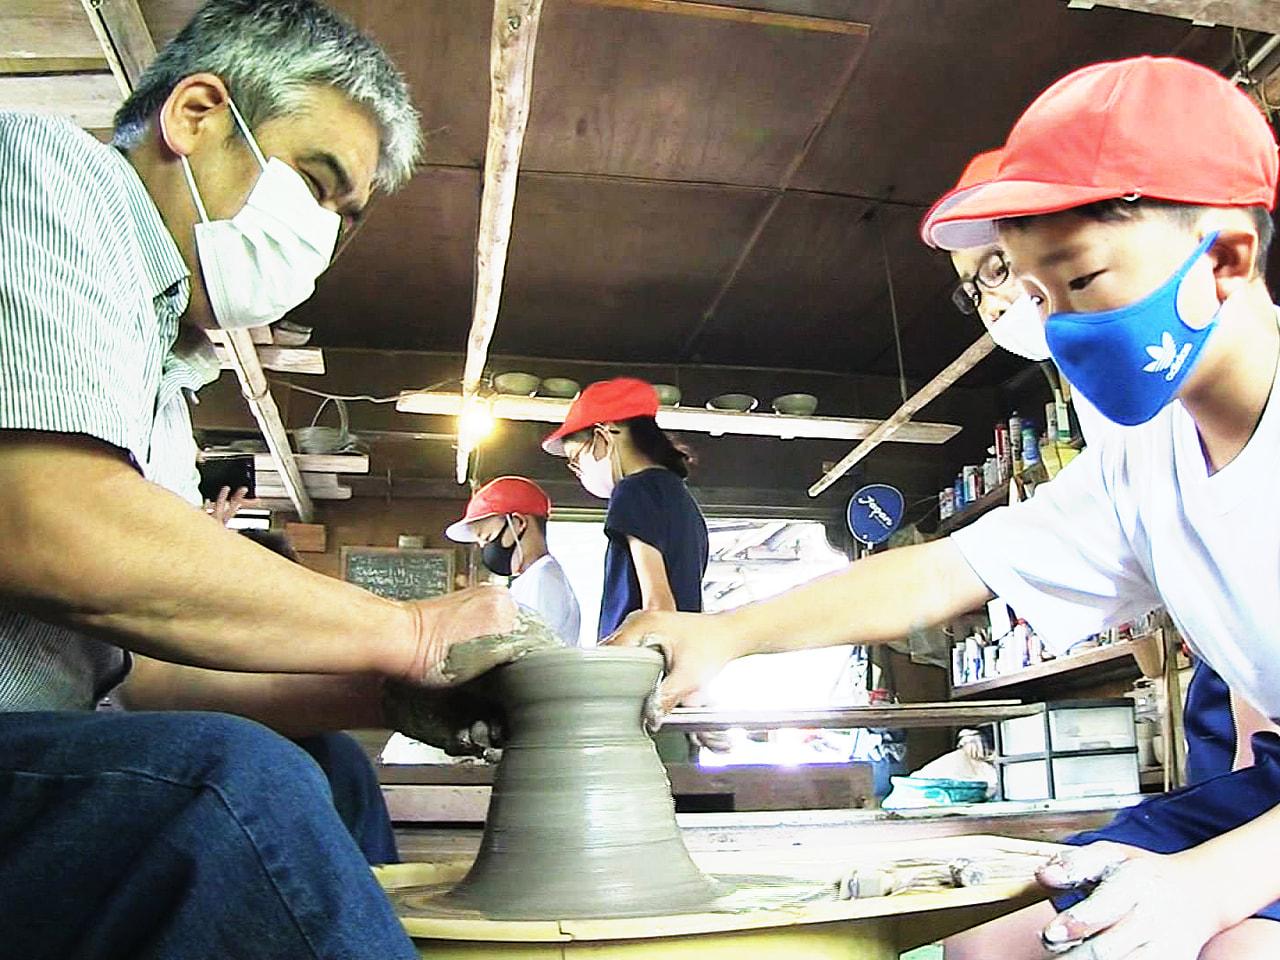 伝統工芸の美濃焼の魅力を知ってもらおうという取り組みです。 岐阜県土岐市で小学生...